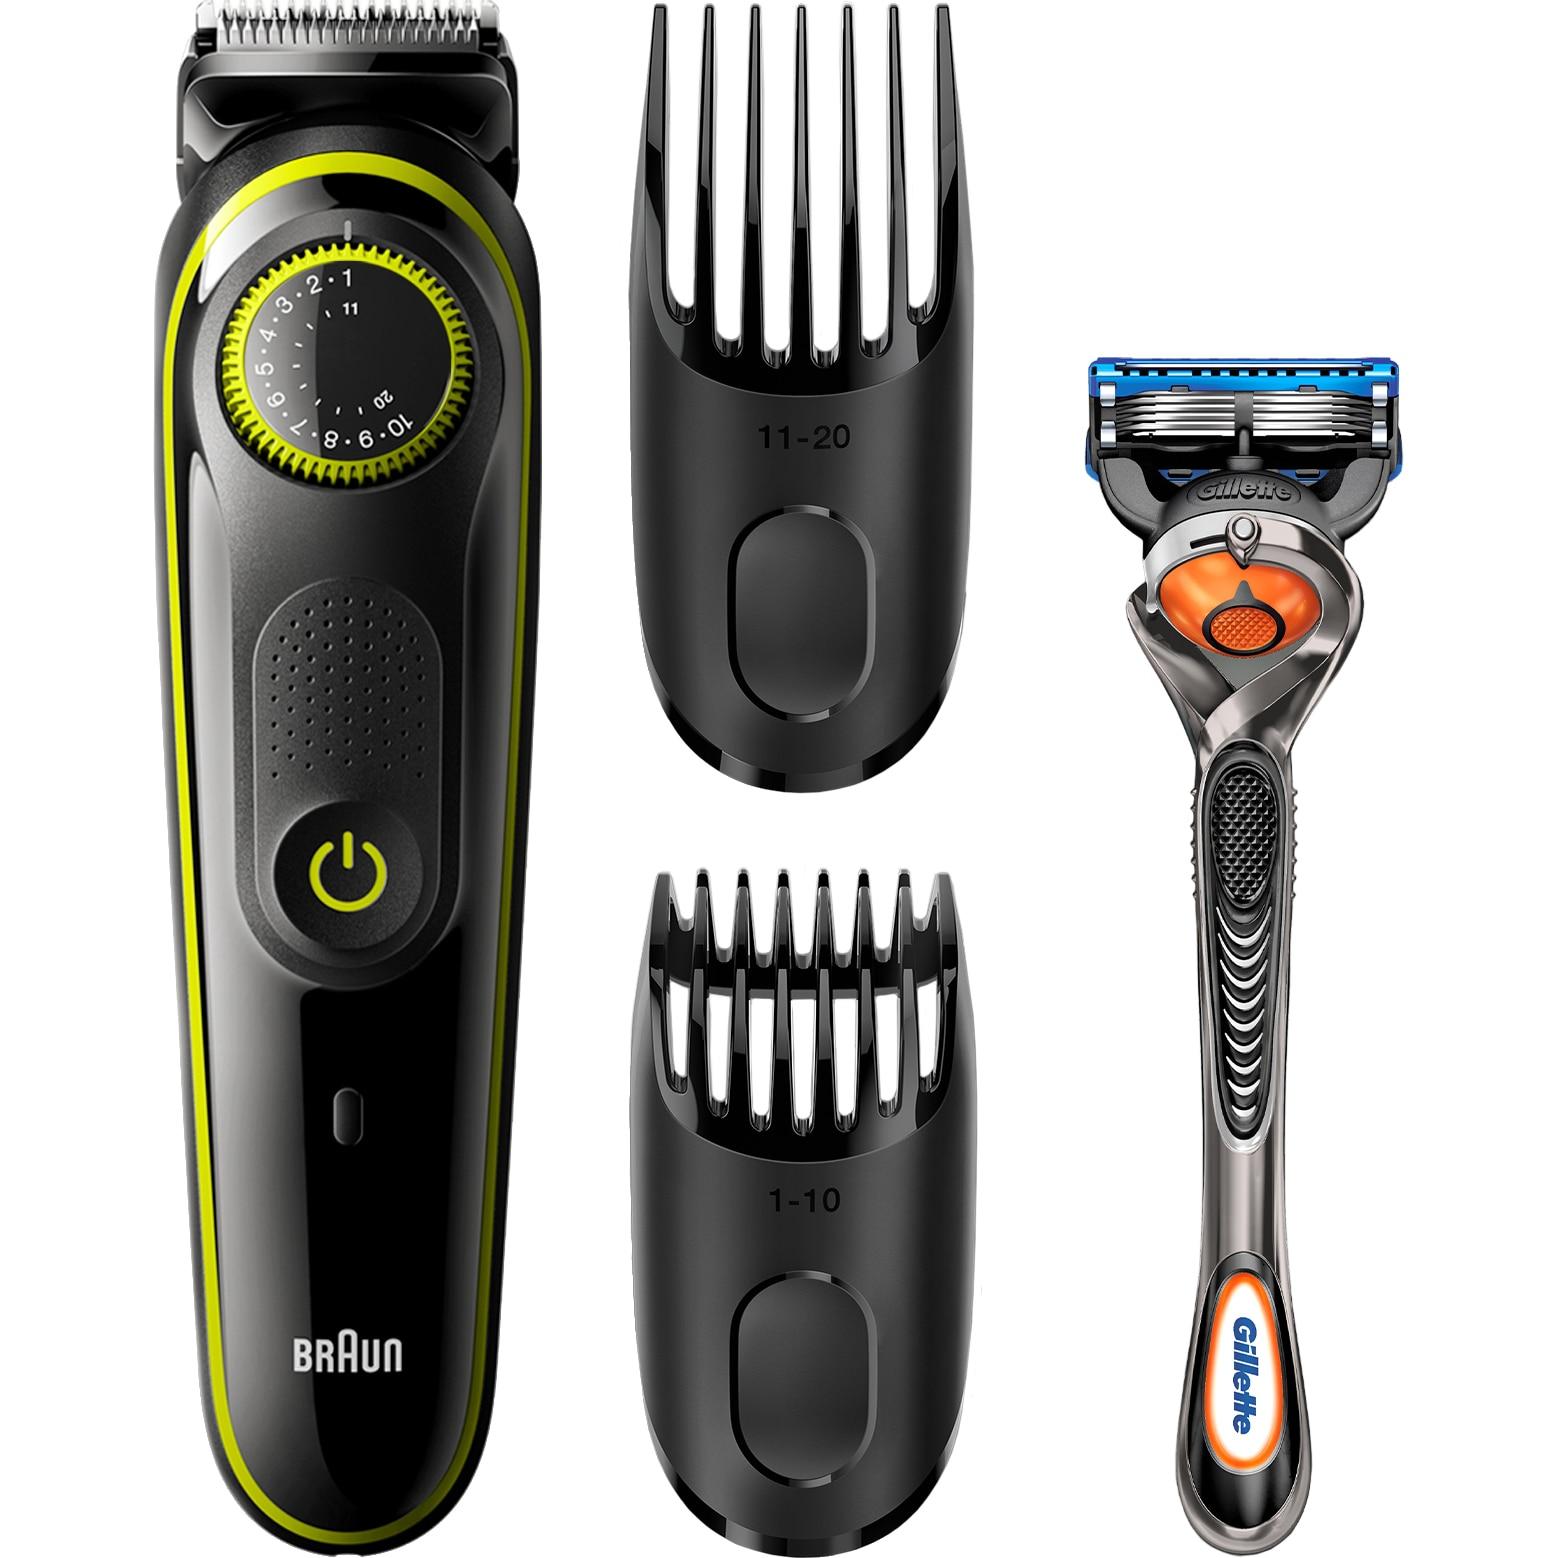 Braun BT3041 szakállvágó, 39 hosszbeállítás, 2 fésű, Gillette Fusion5 ProGlide borotva, Akkumulátor, Fekete